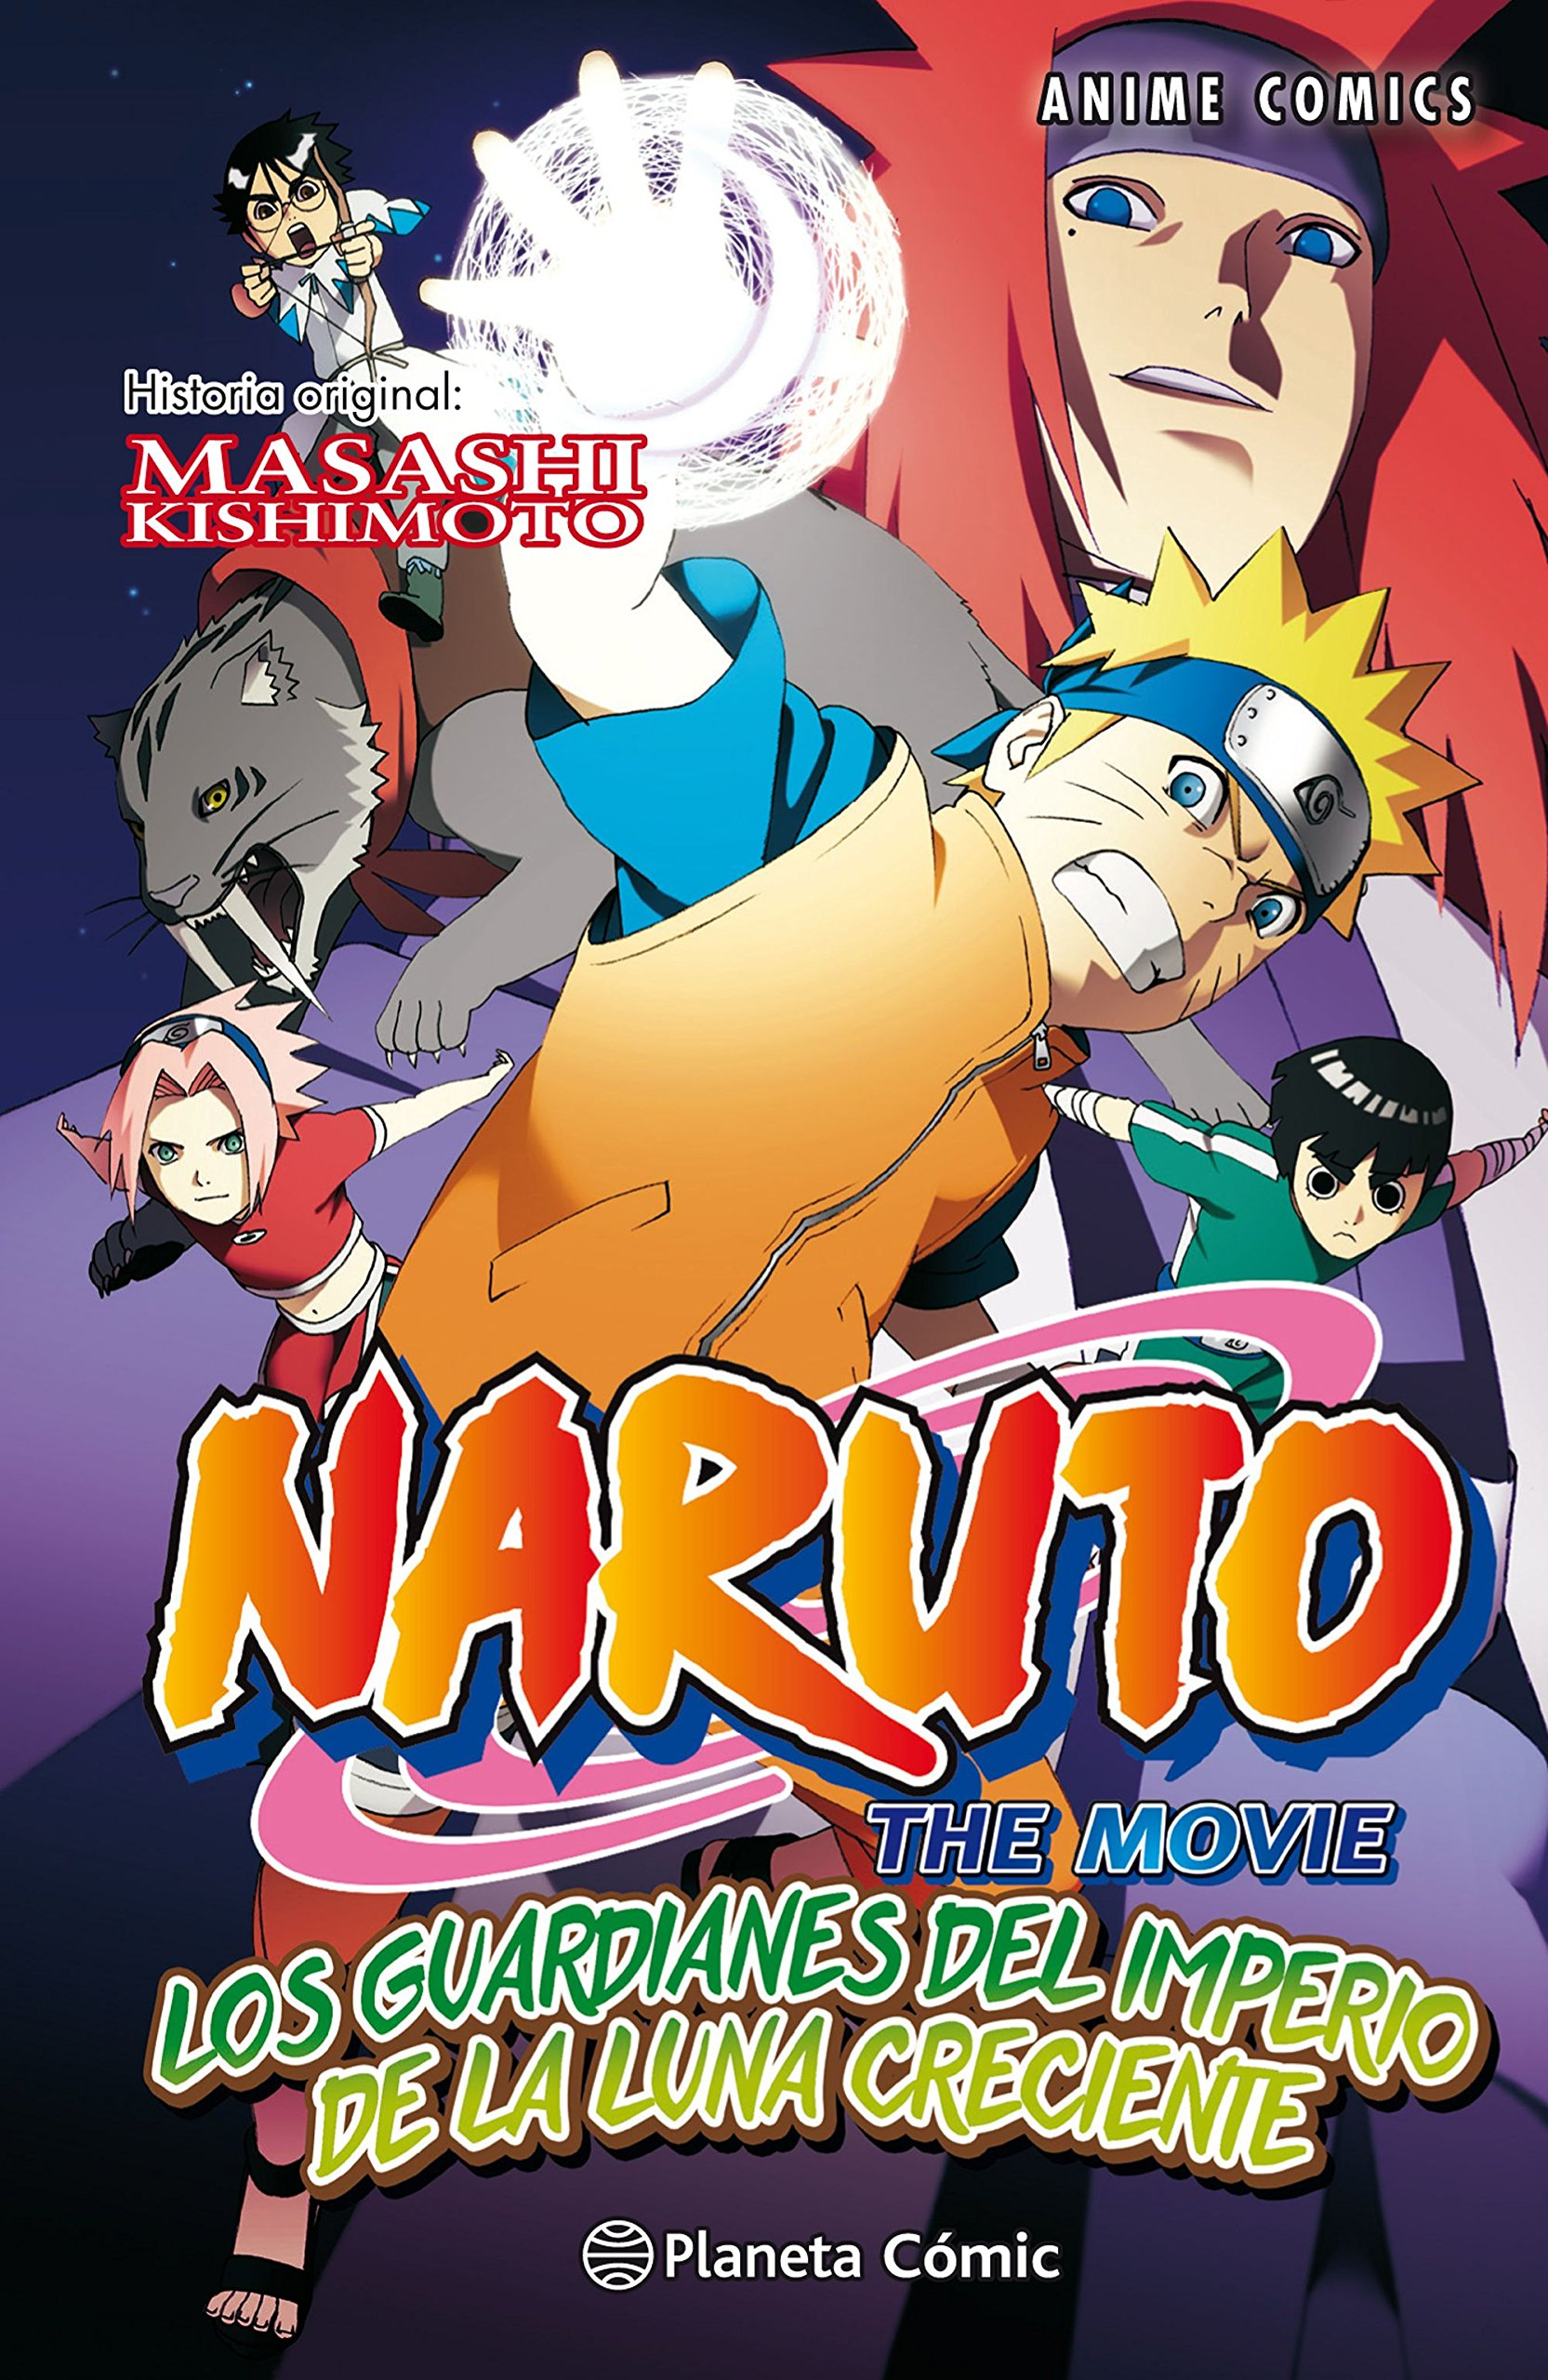 Naruto Anime Comic nº 04 Los Guardianes del Imperio de la ...